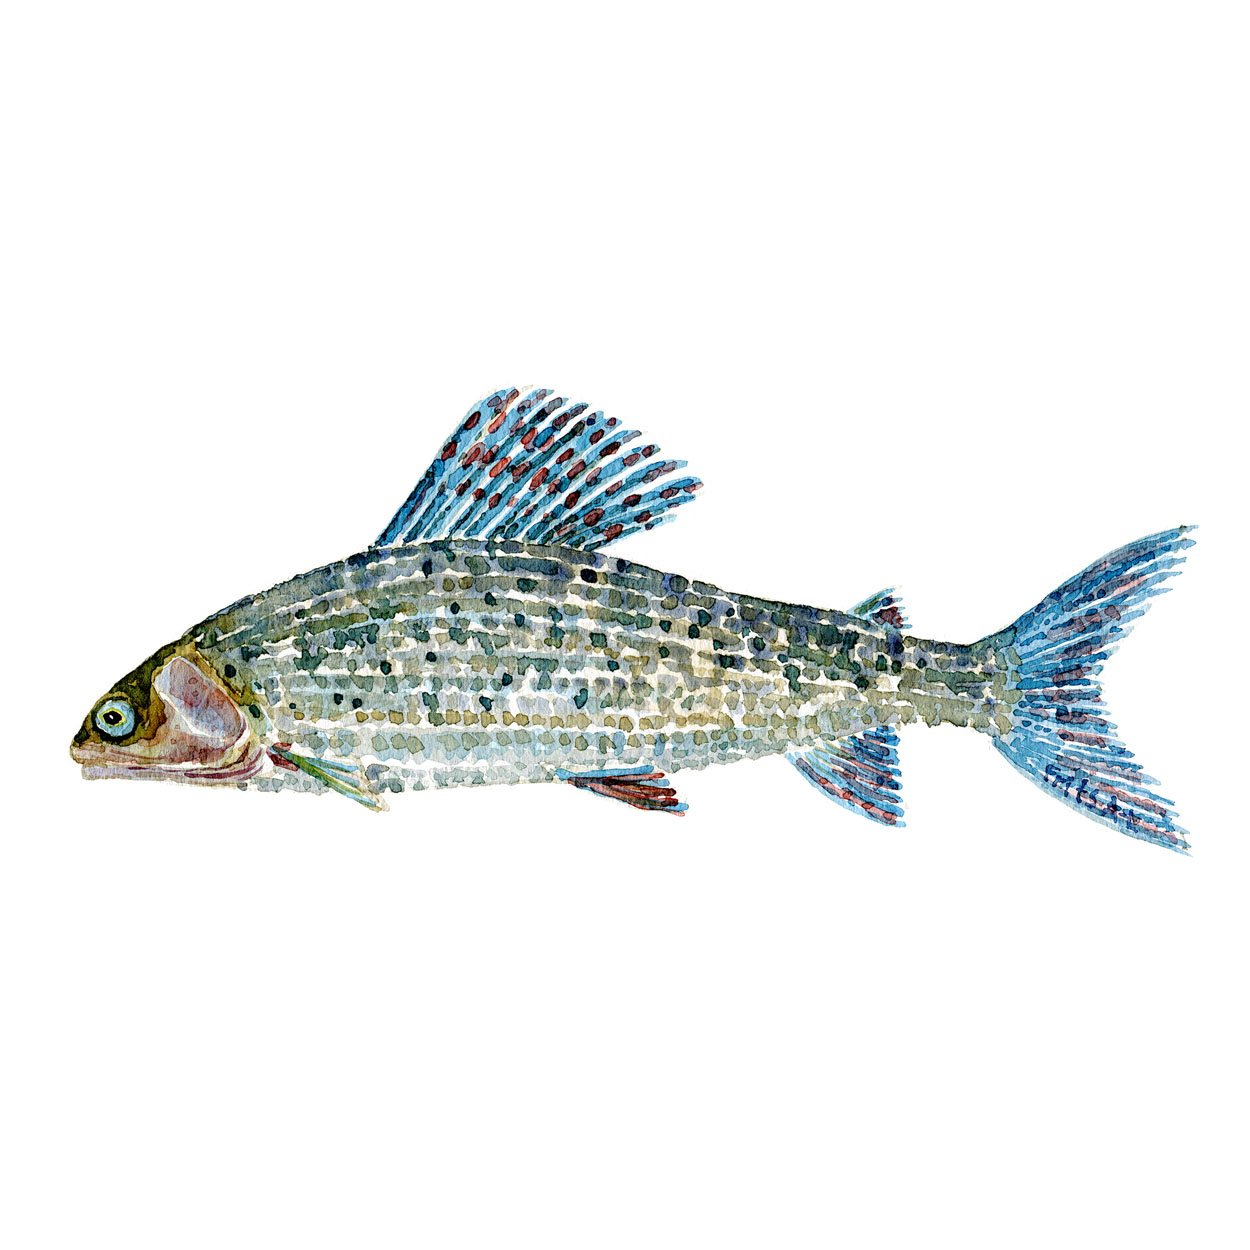 Stalling Ferskvandsfisk og biodiversitet i Danmark Akvarel af Frits Ahlefeldt